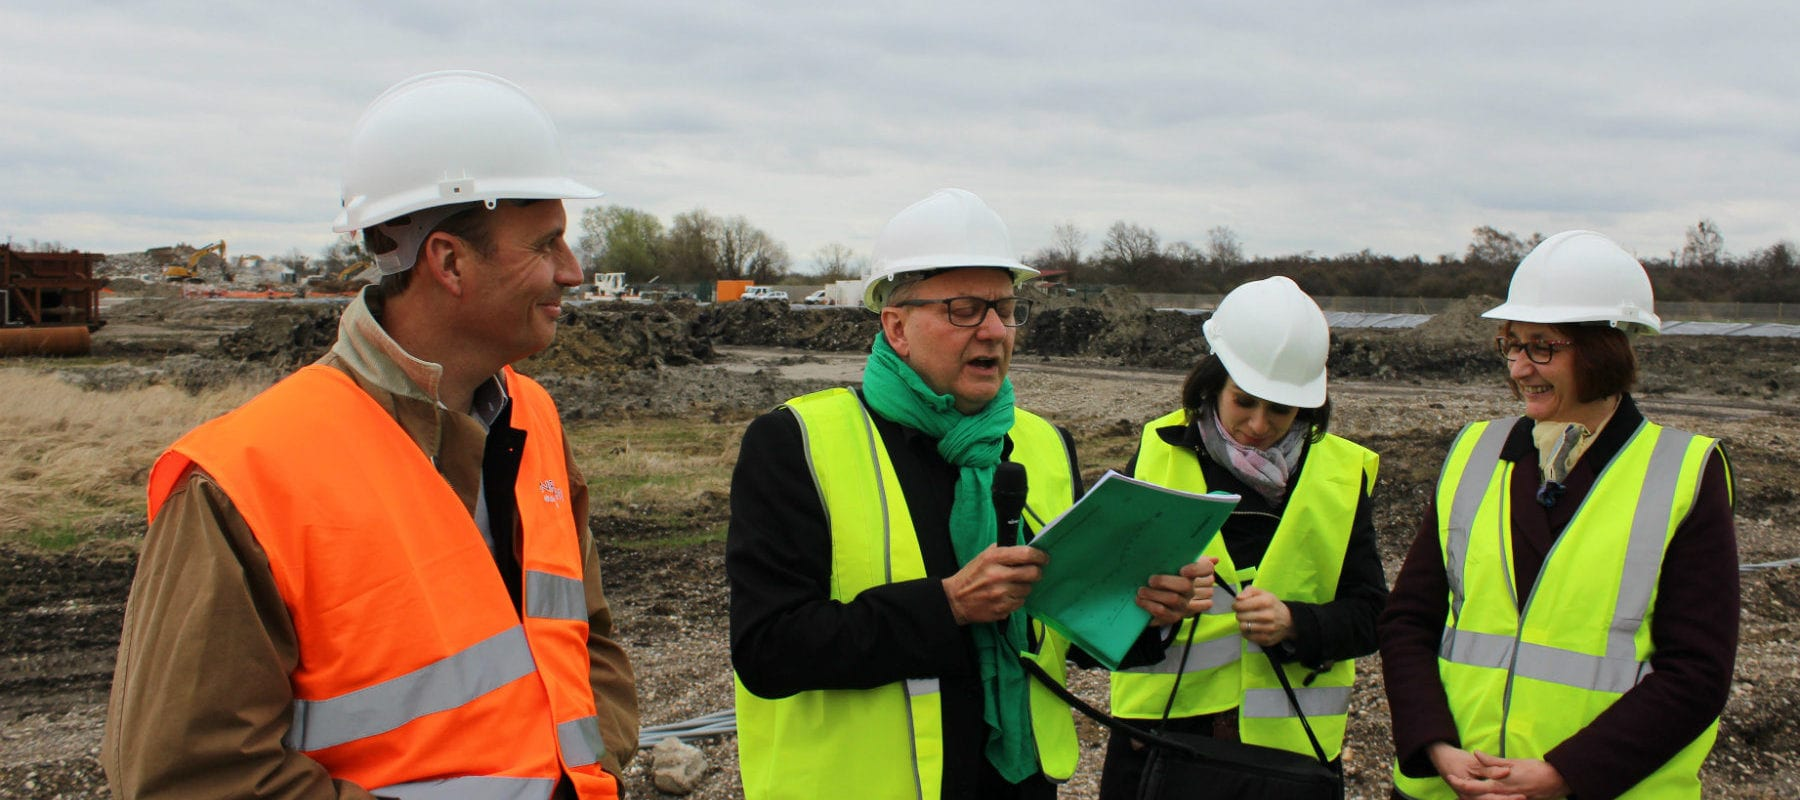 Au conseil de l'Eurométropole, les 33 communes visent 100% d'énergies renouvelables en 2050